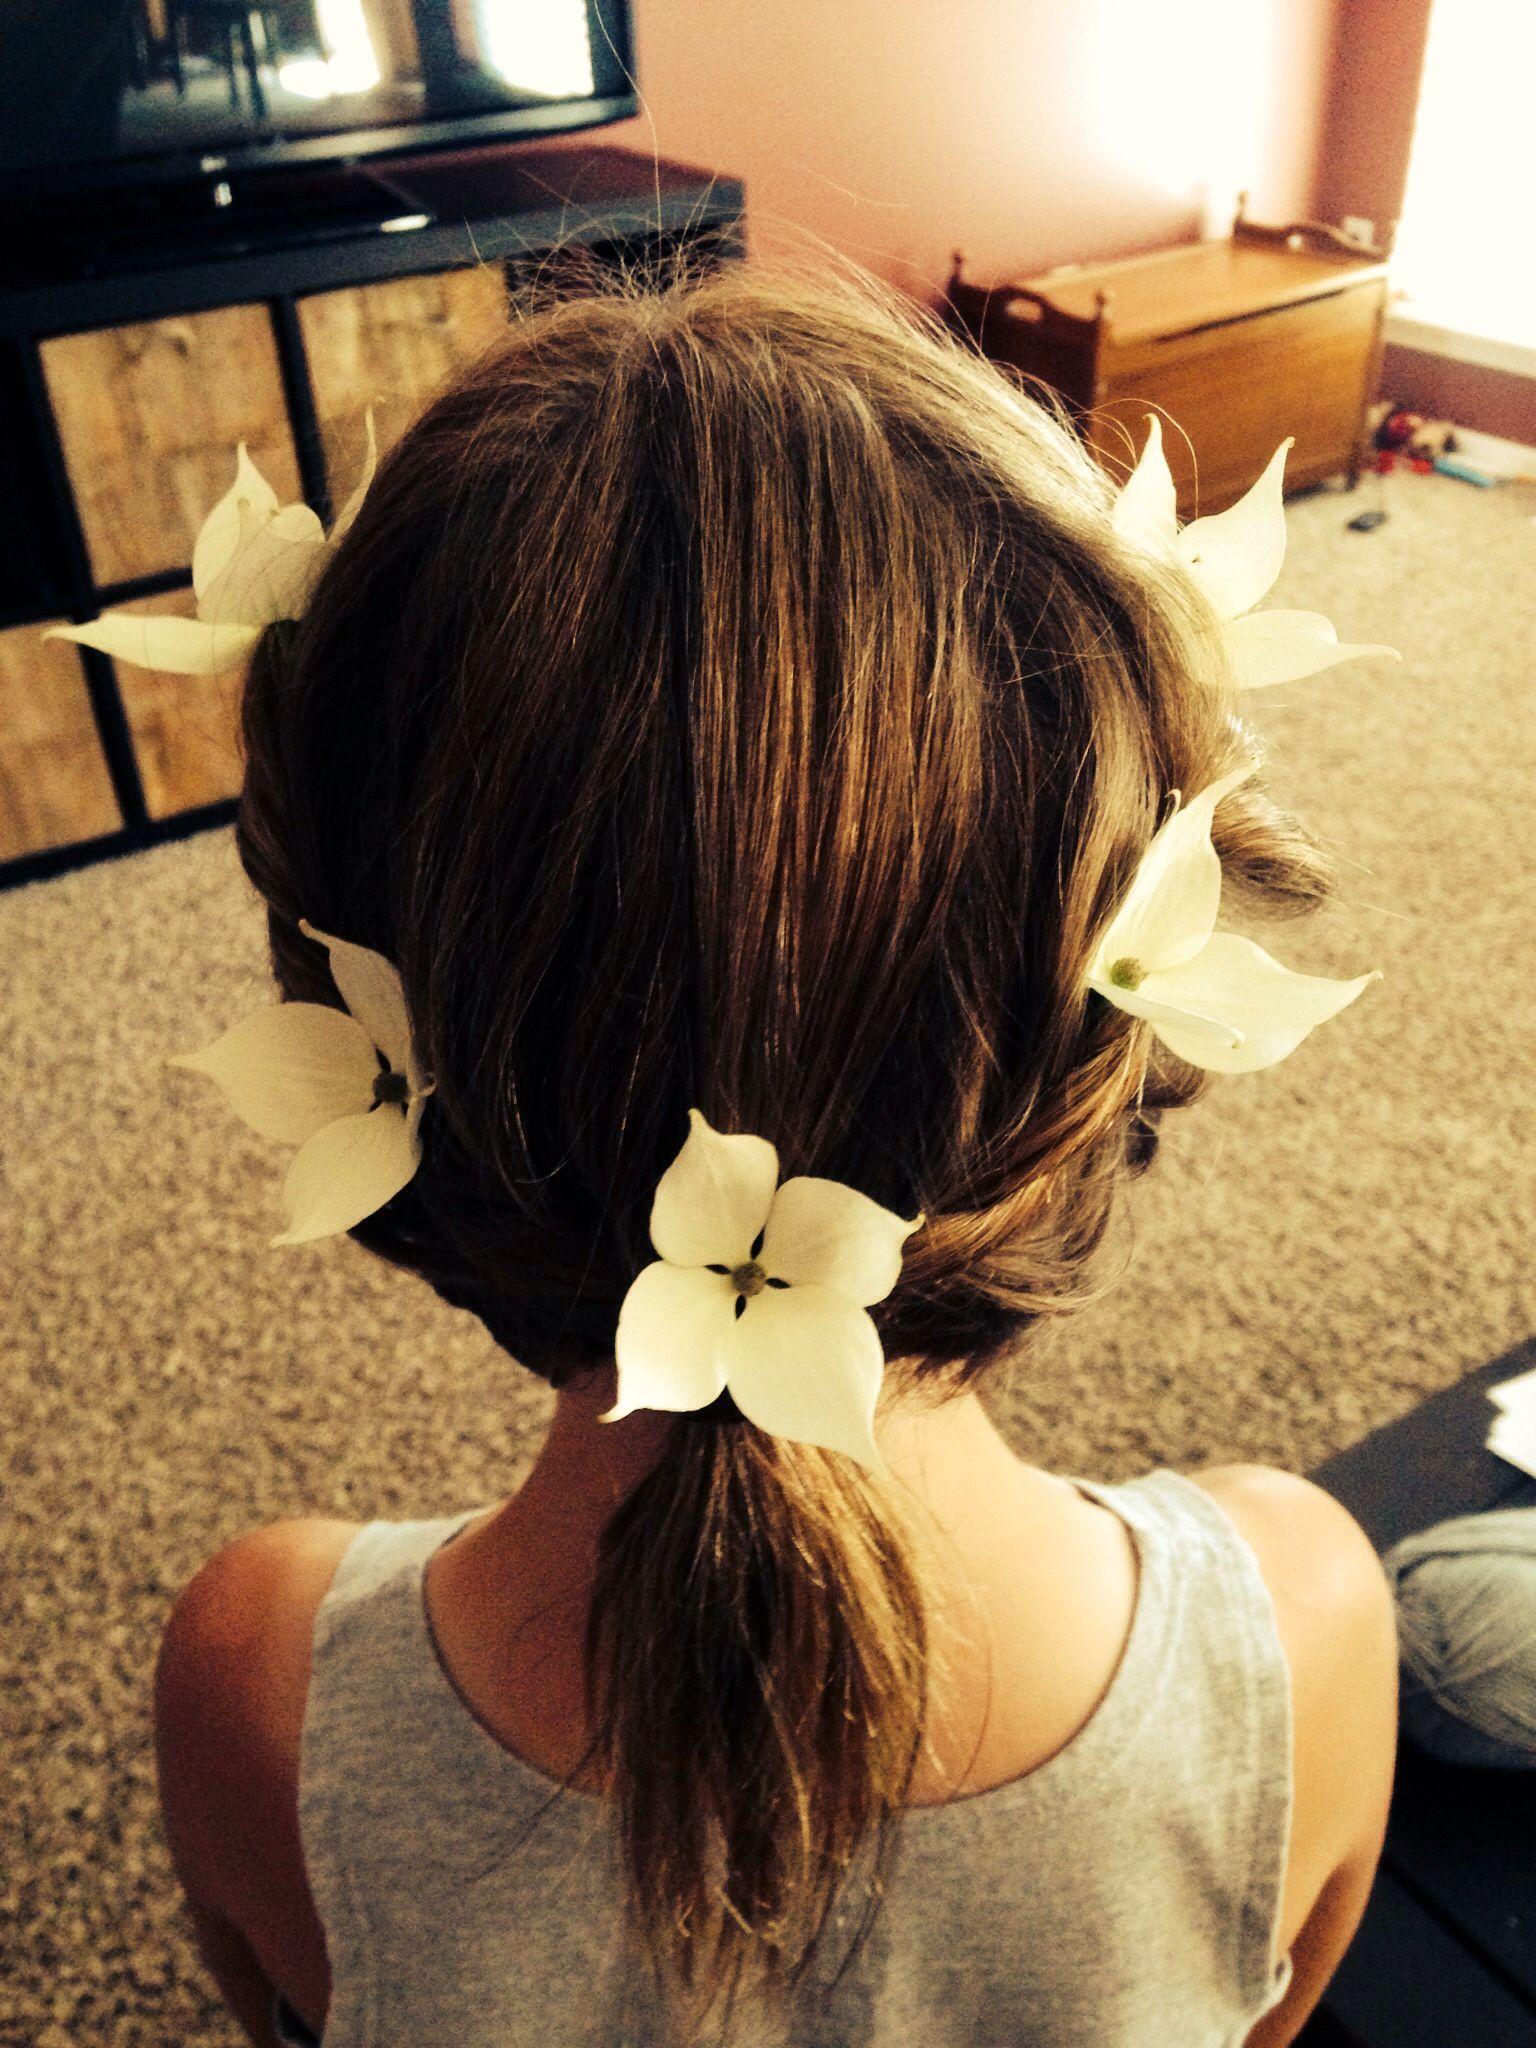 Flowers in her hair :)